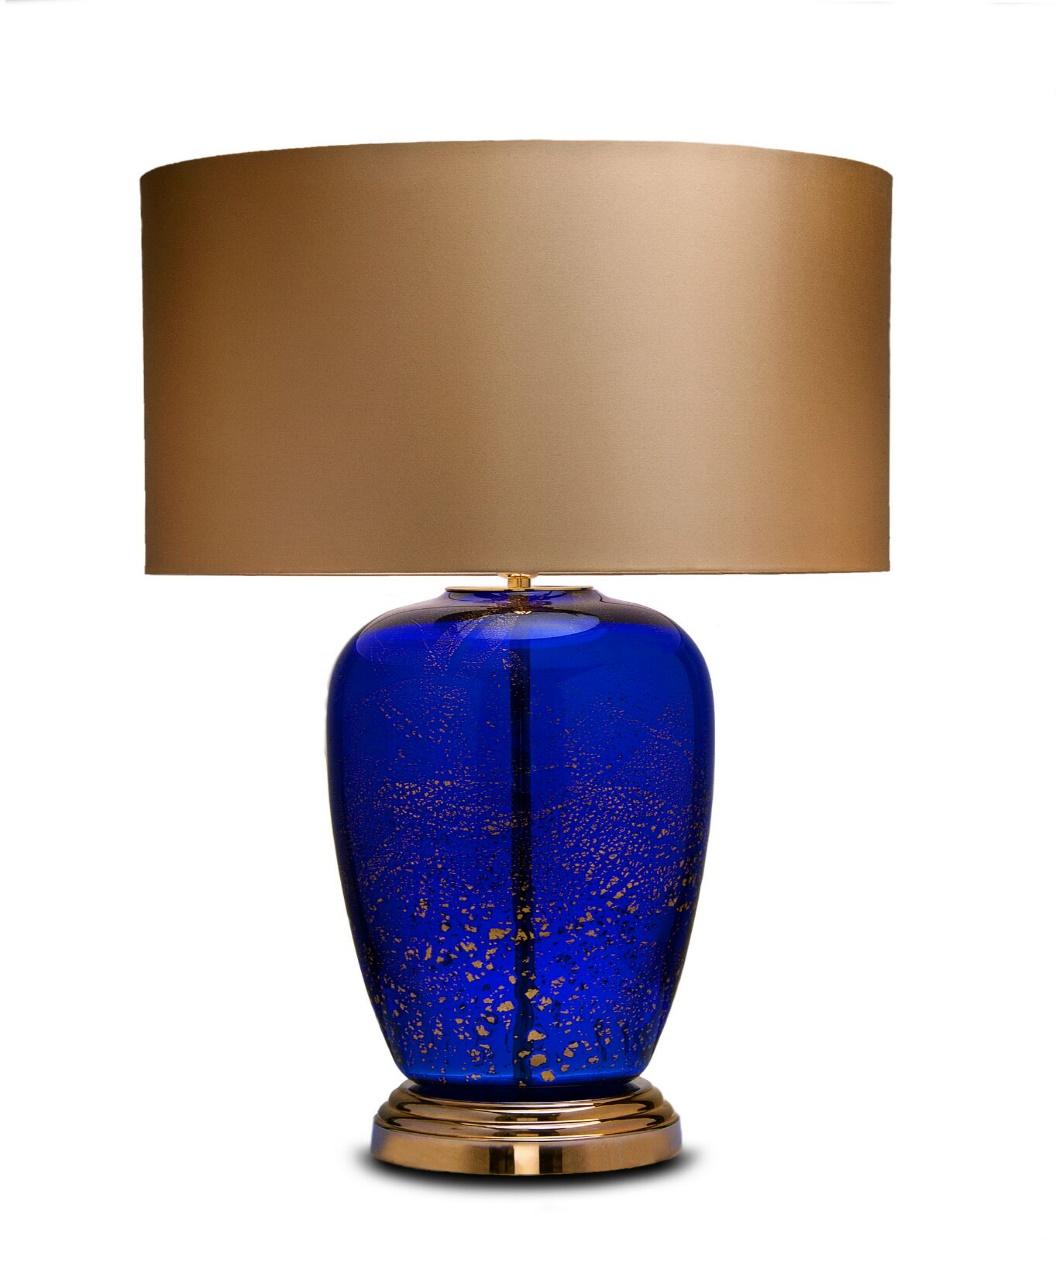 Blaze lamp Alexander Joseph megayachts